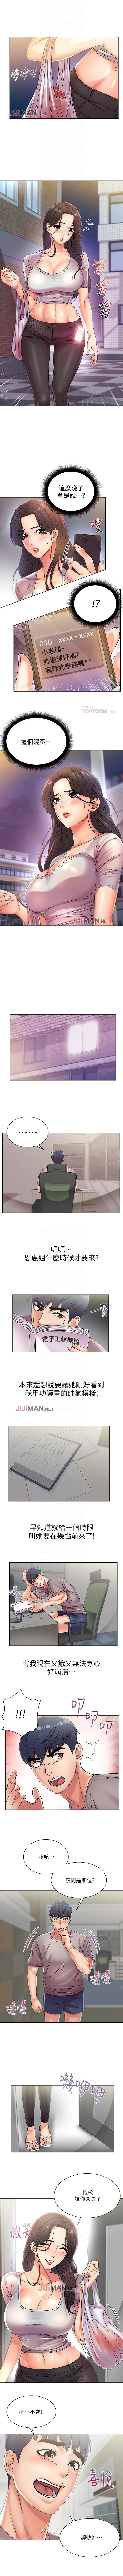 【周三连载】超市的漂亮姐姐(作者:北鼻&逃兵) 第1~40话 130